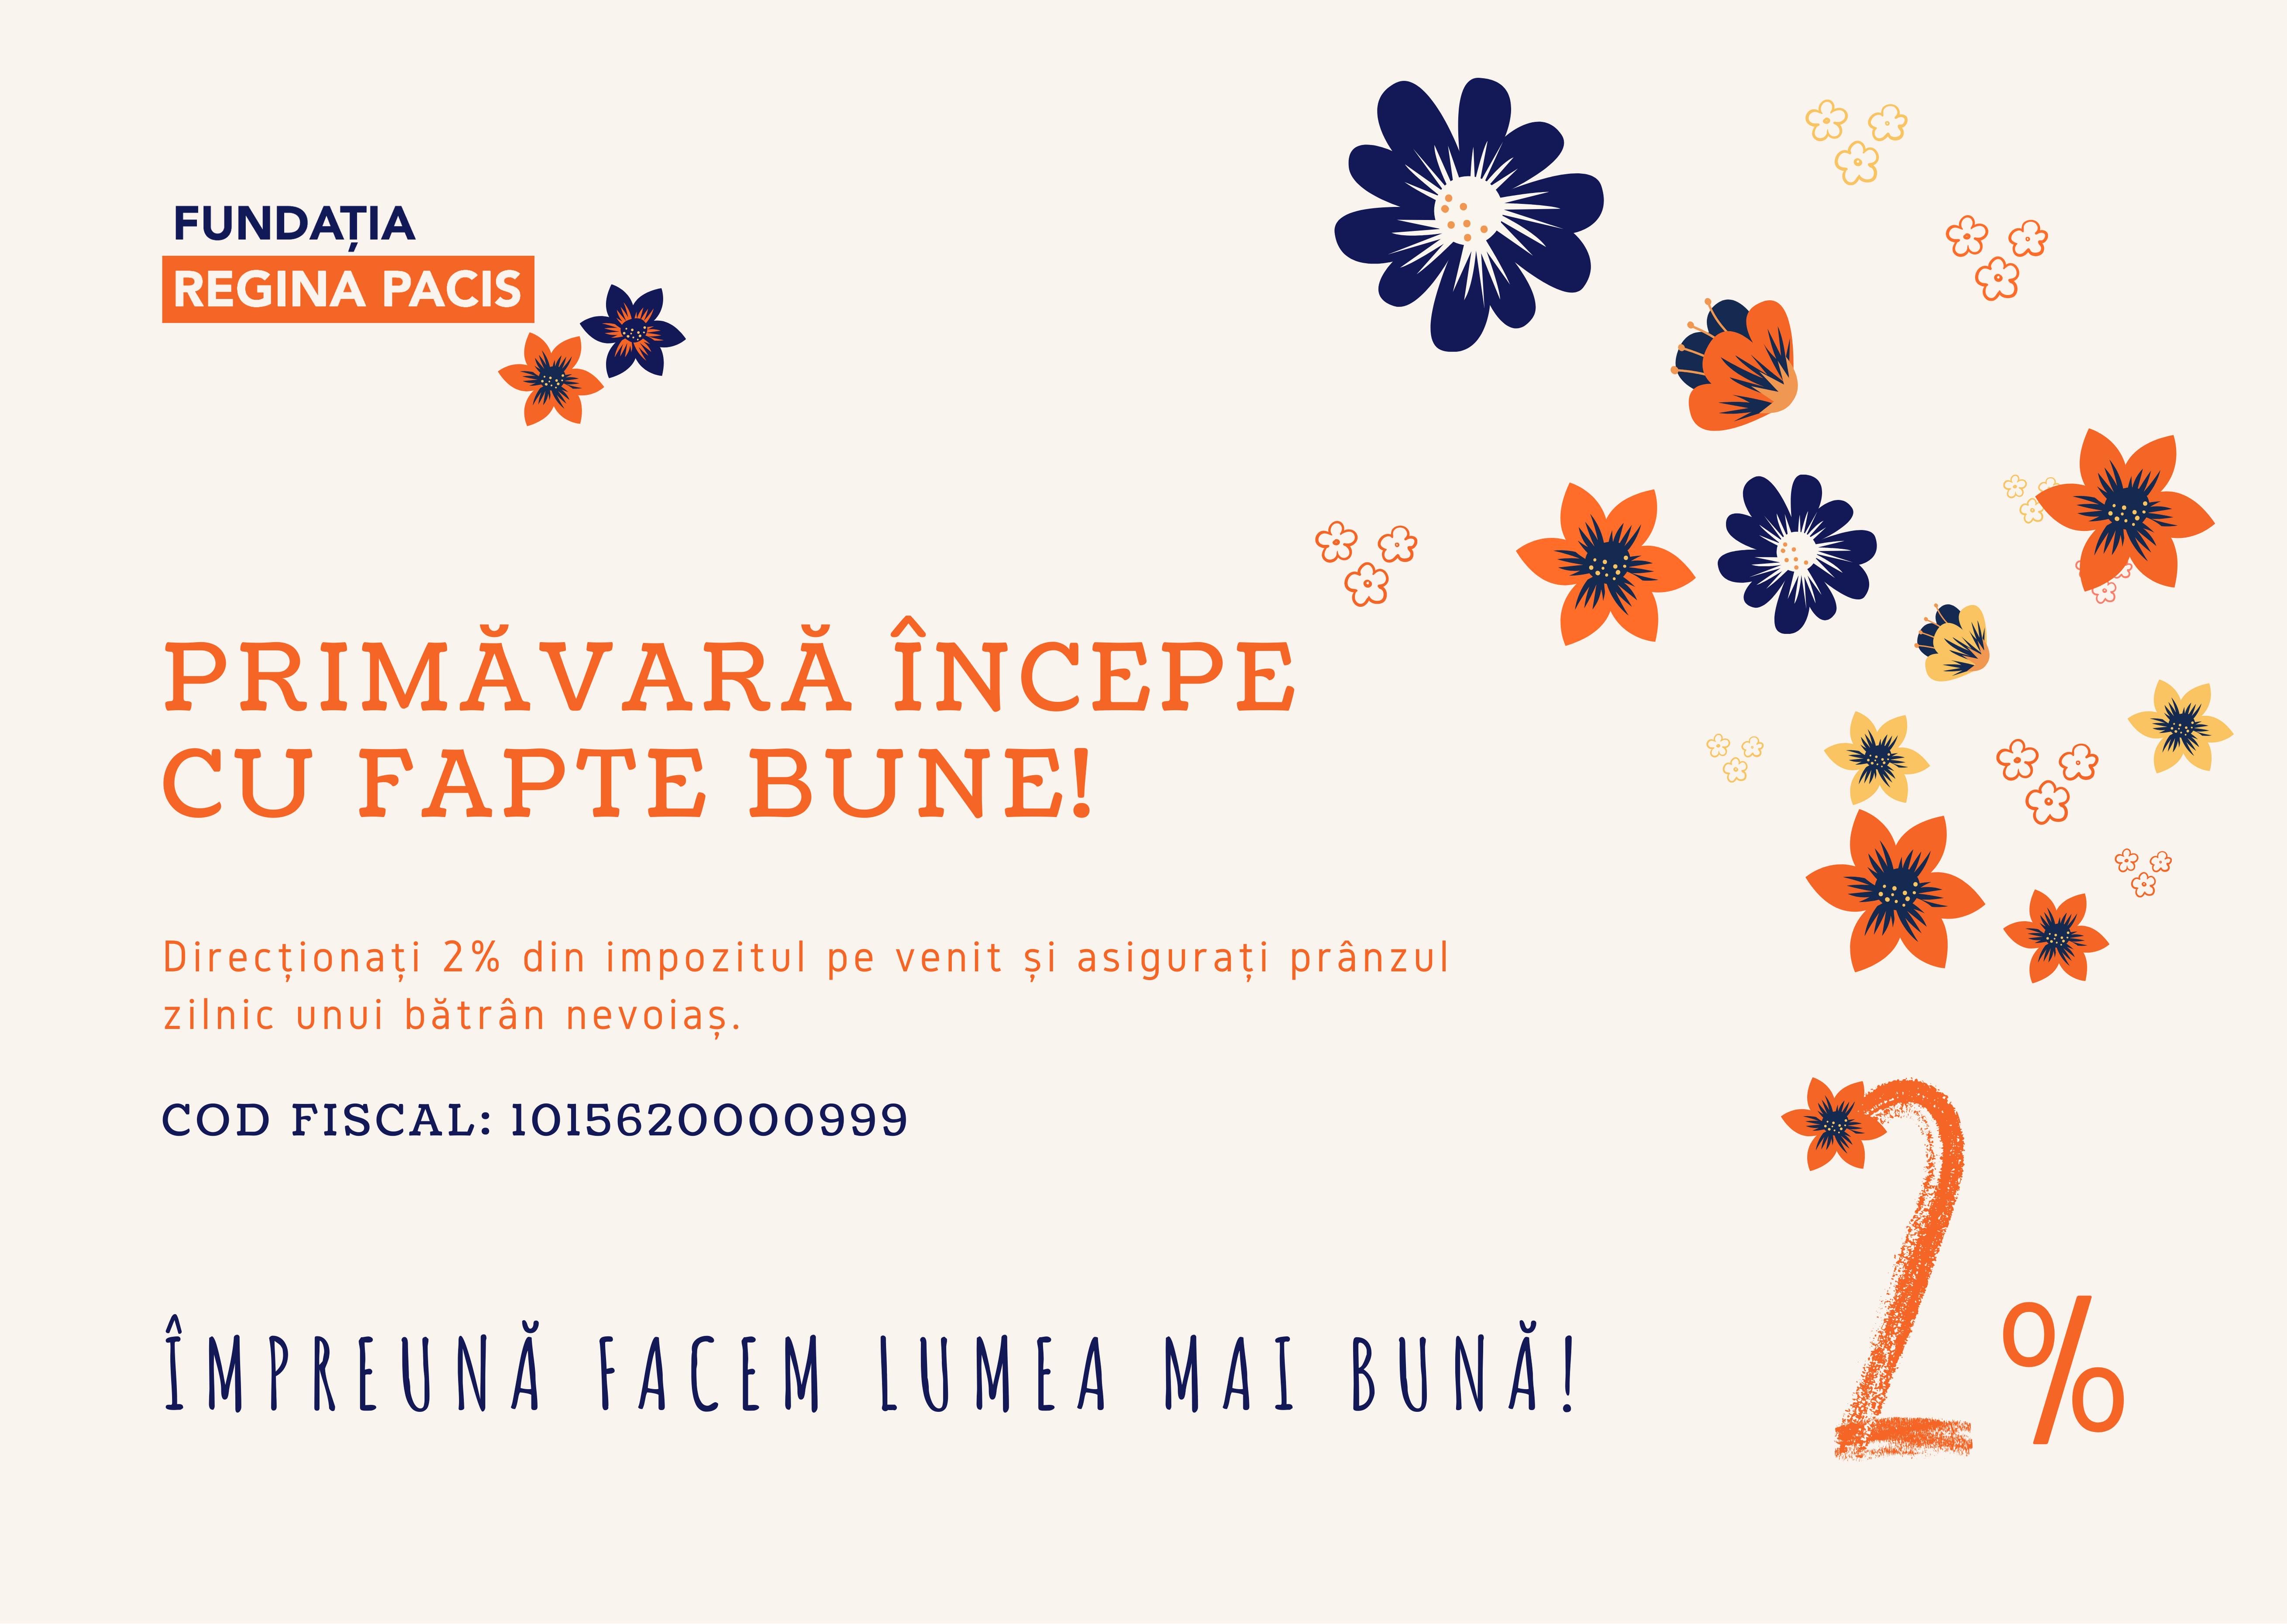 Vă dorim o primăvară frumoasă și Vă îndemnăm să direcționați 2% către Fundația Regina Pacis